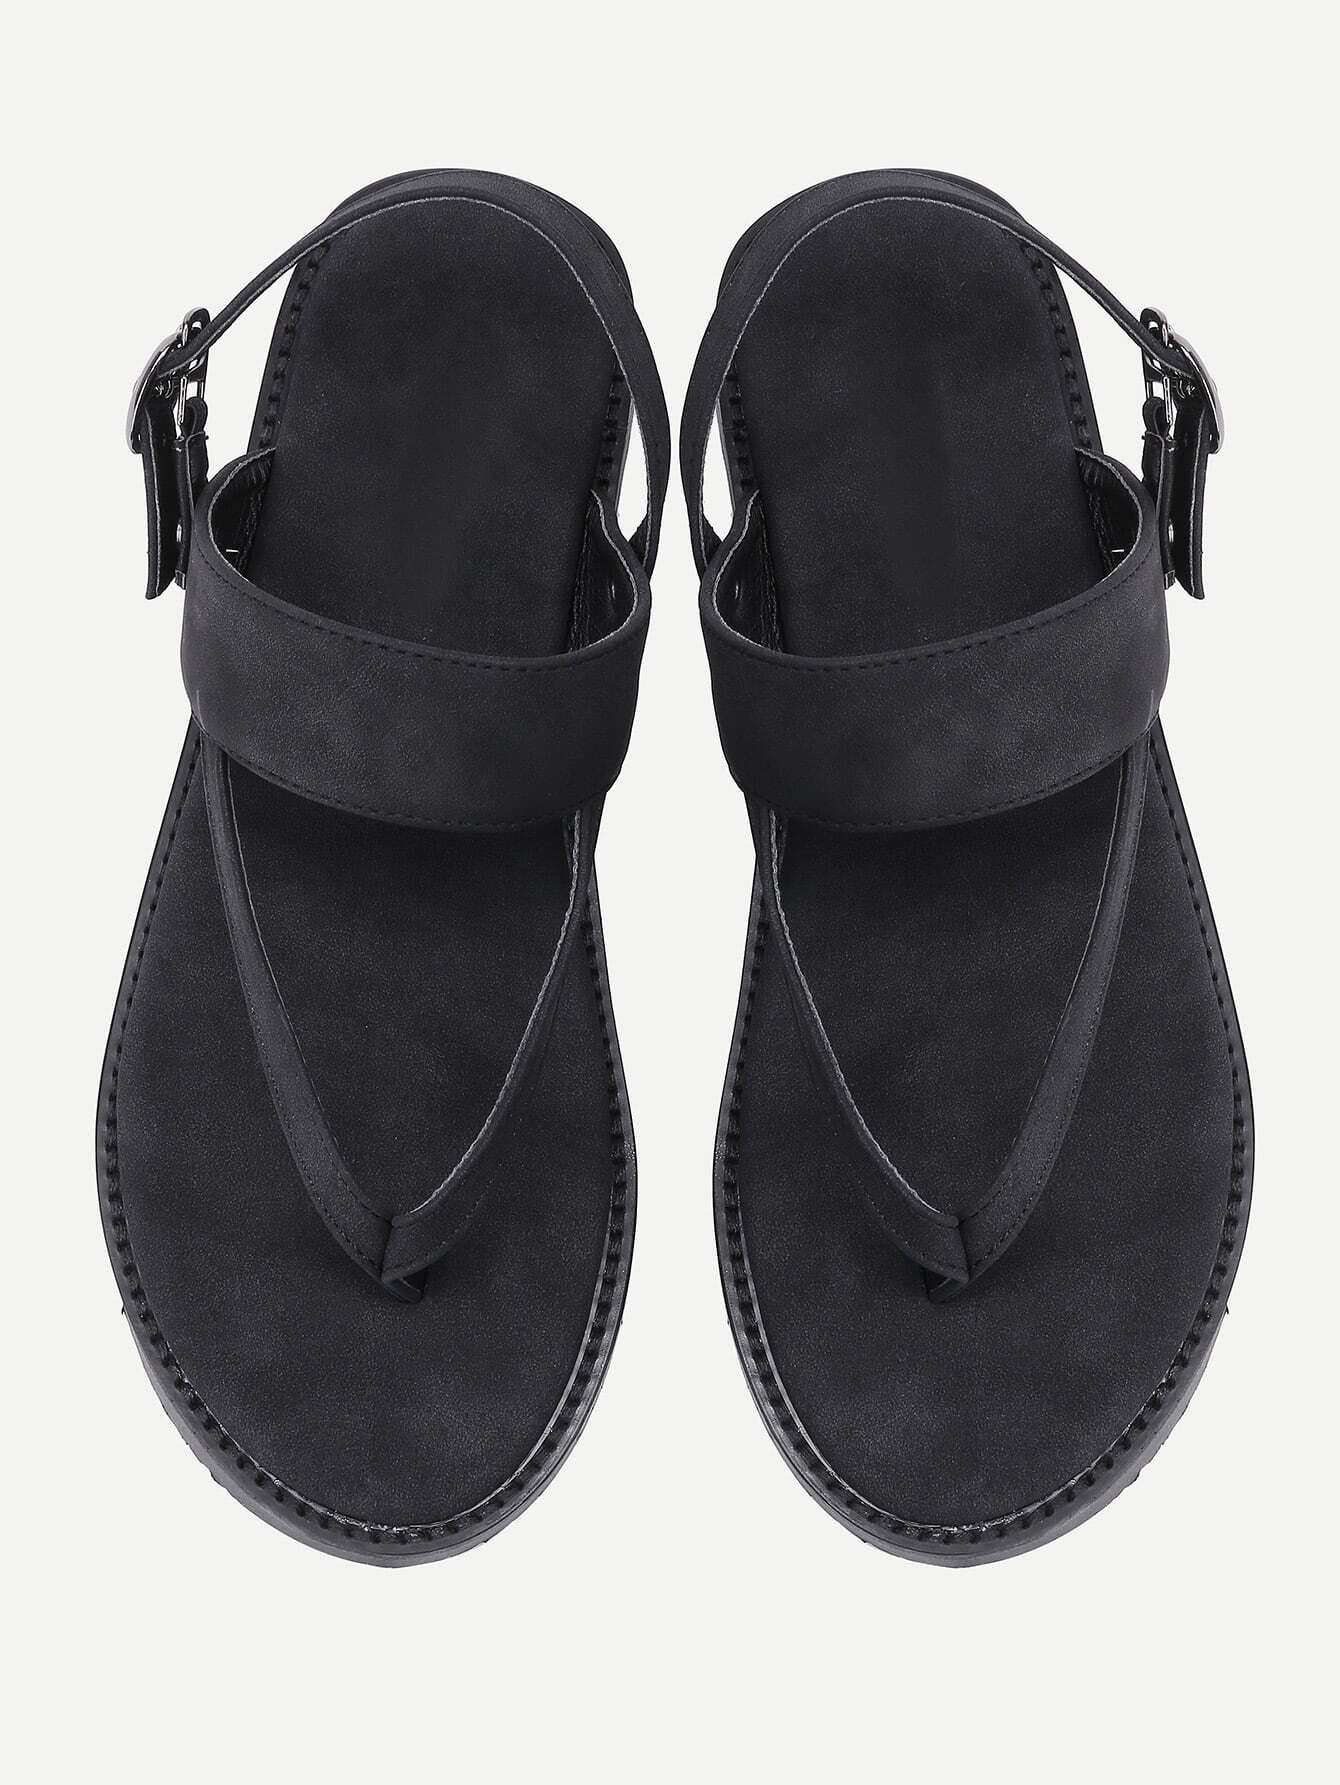 shoes170411806_2